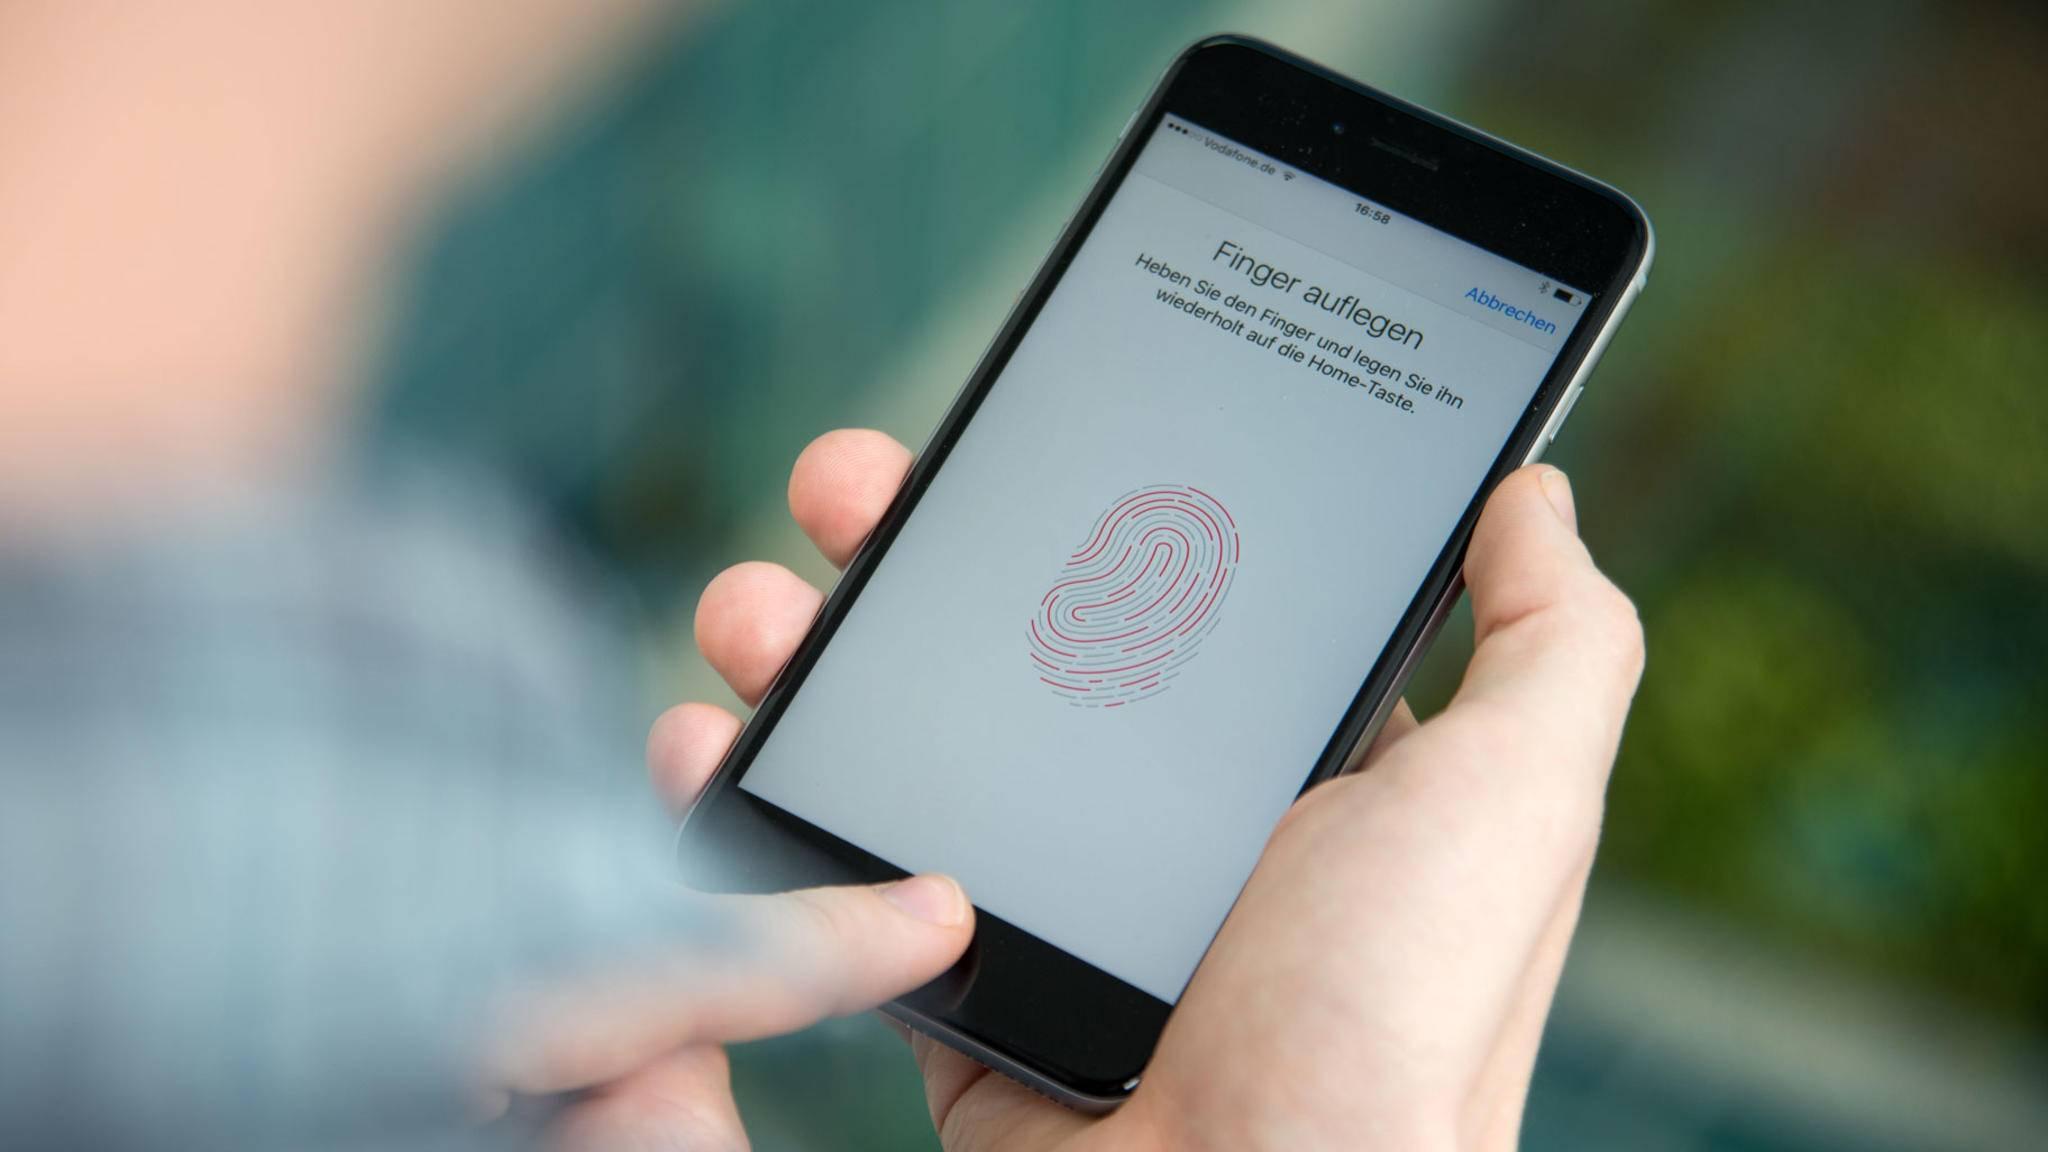 Der Fingerabdrucksensor ist zwar relativ sicher, aber absolute Sicherheit gibt es nicht.